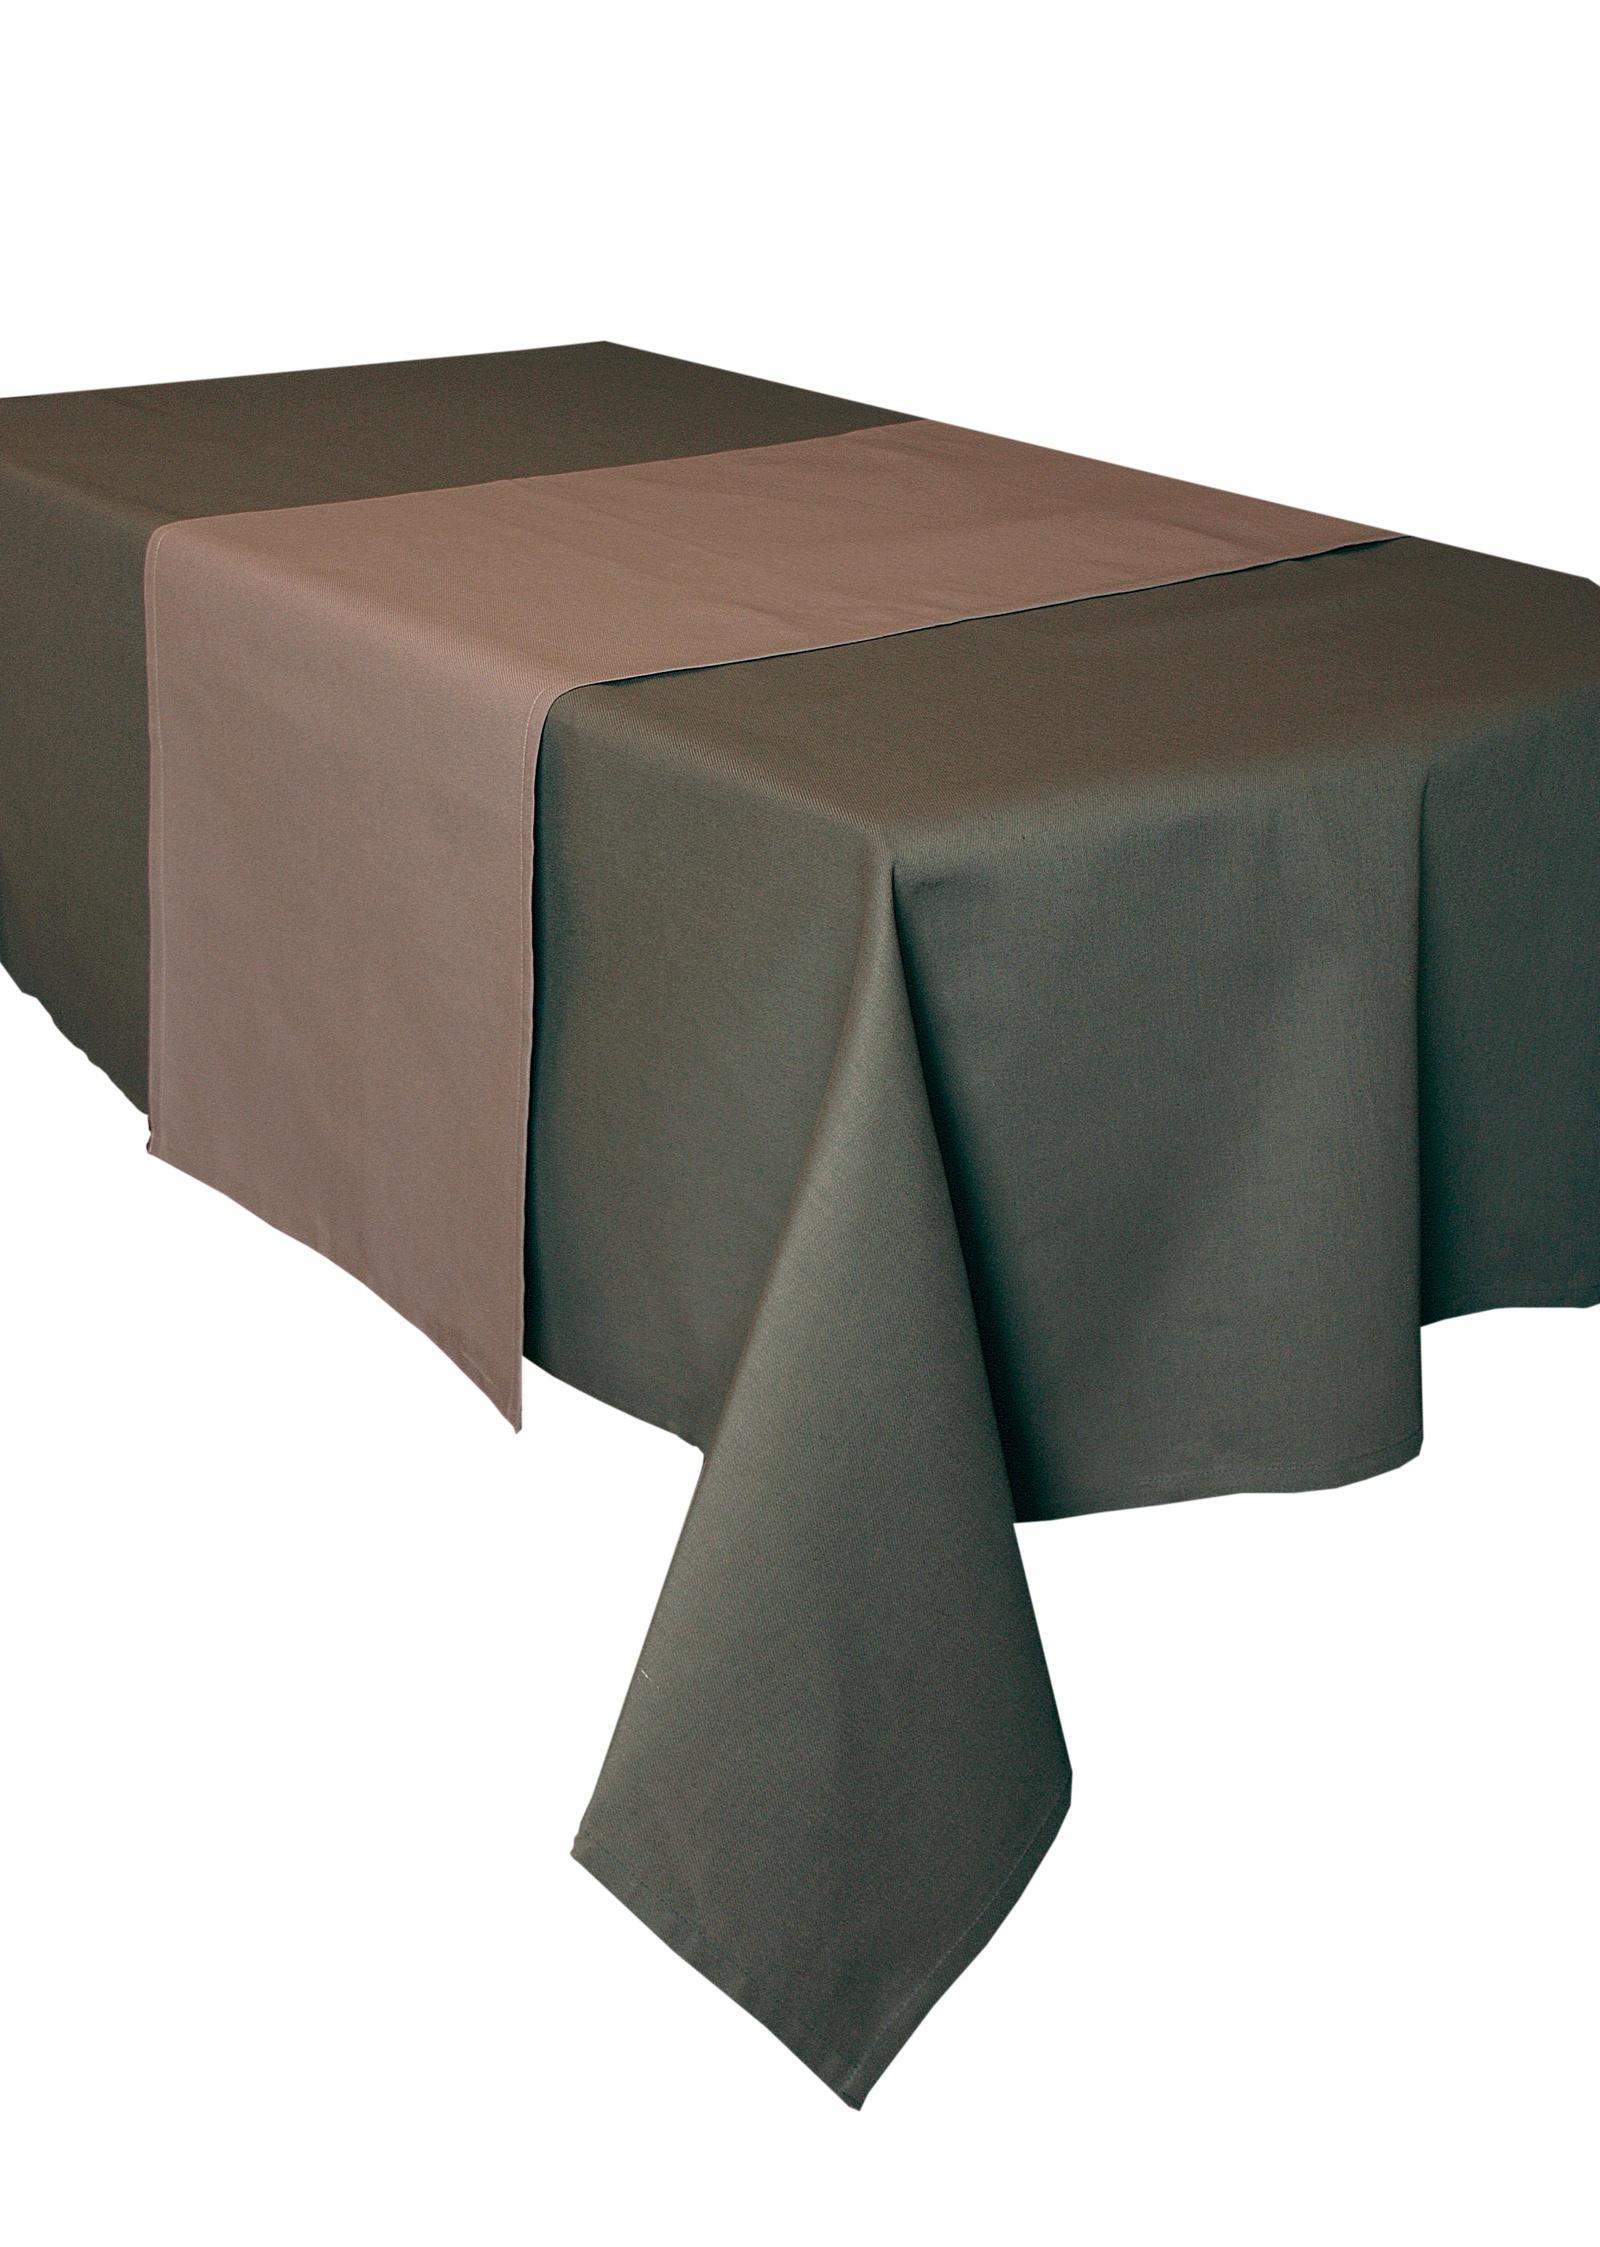 Дорожка для стола Naturel 45х150 Однотонная коллекция, серый дорожка для стола naturel 45х150 однотонная коллекция бежевый